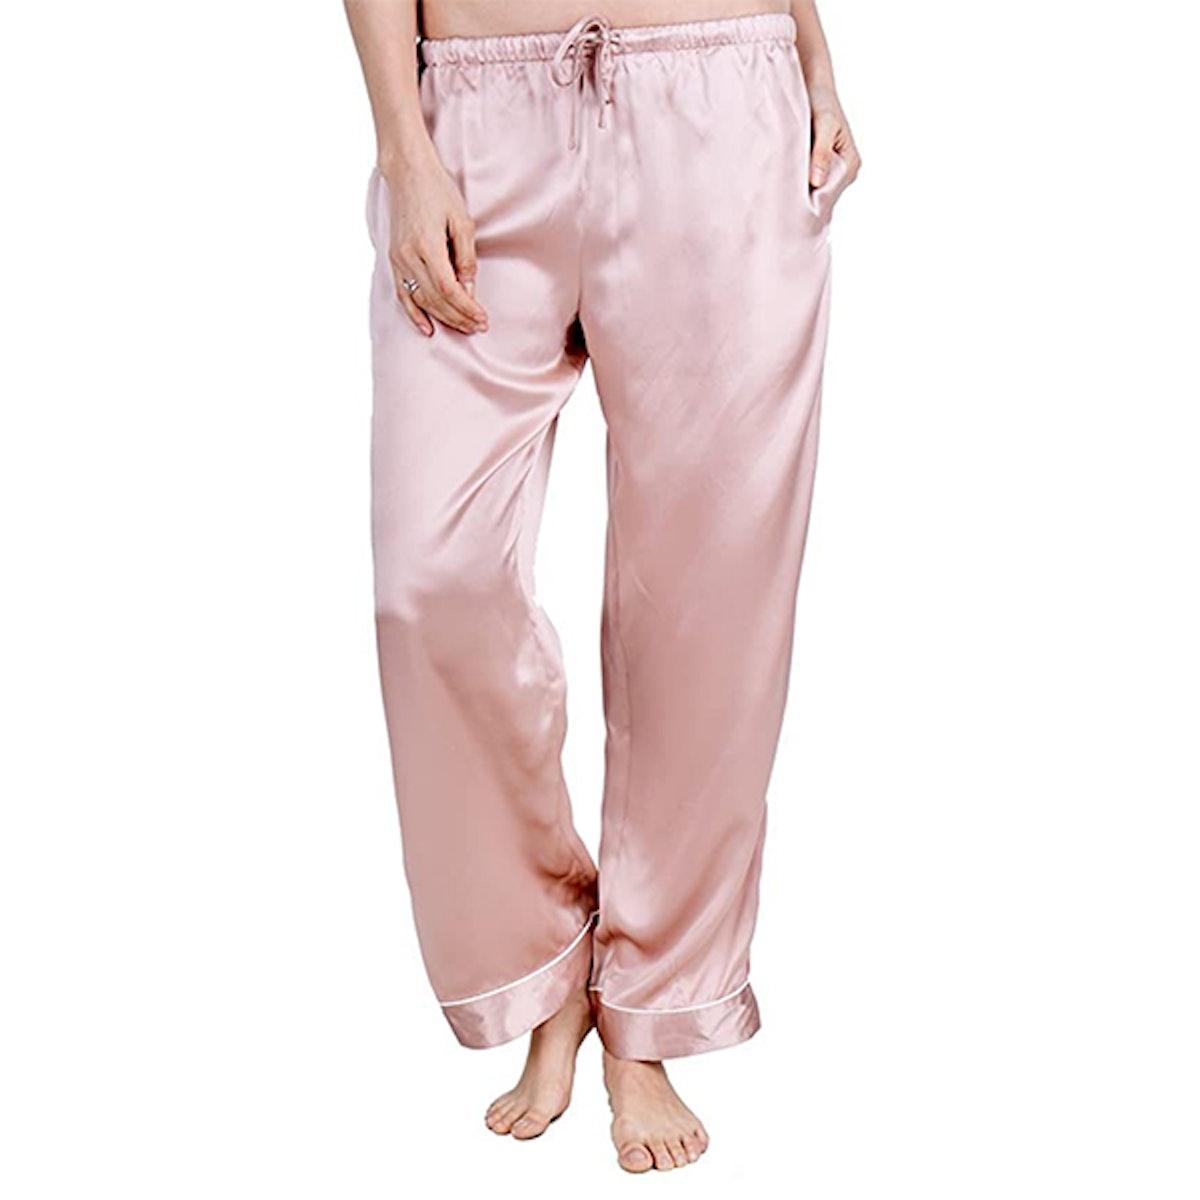 OSCAR ROSSA 100% Silk Pajamas Pants